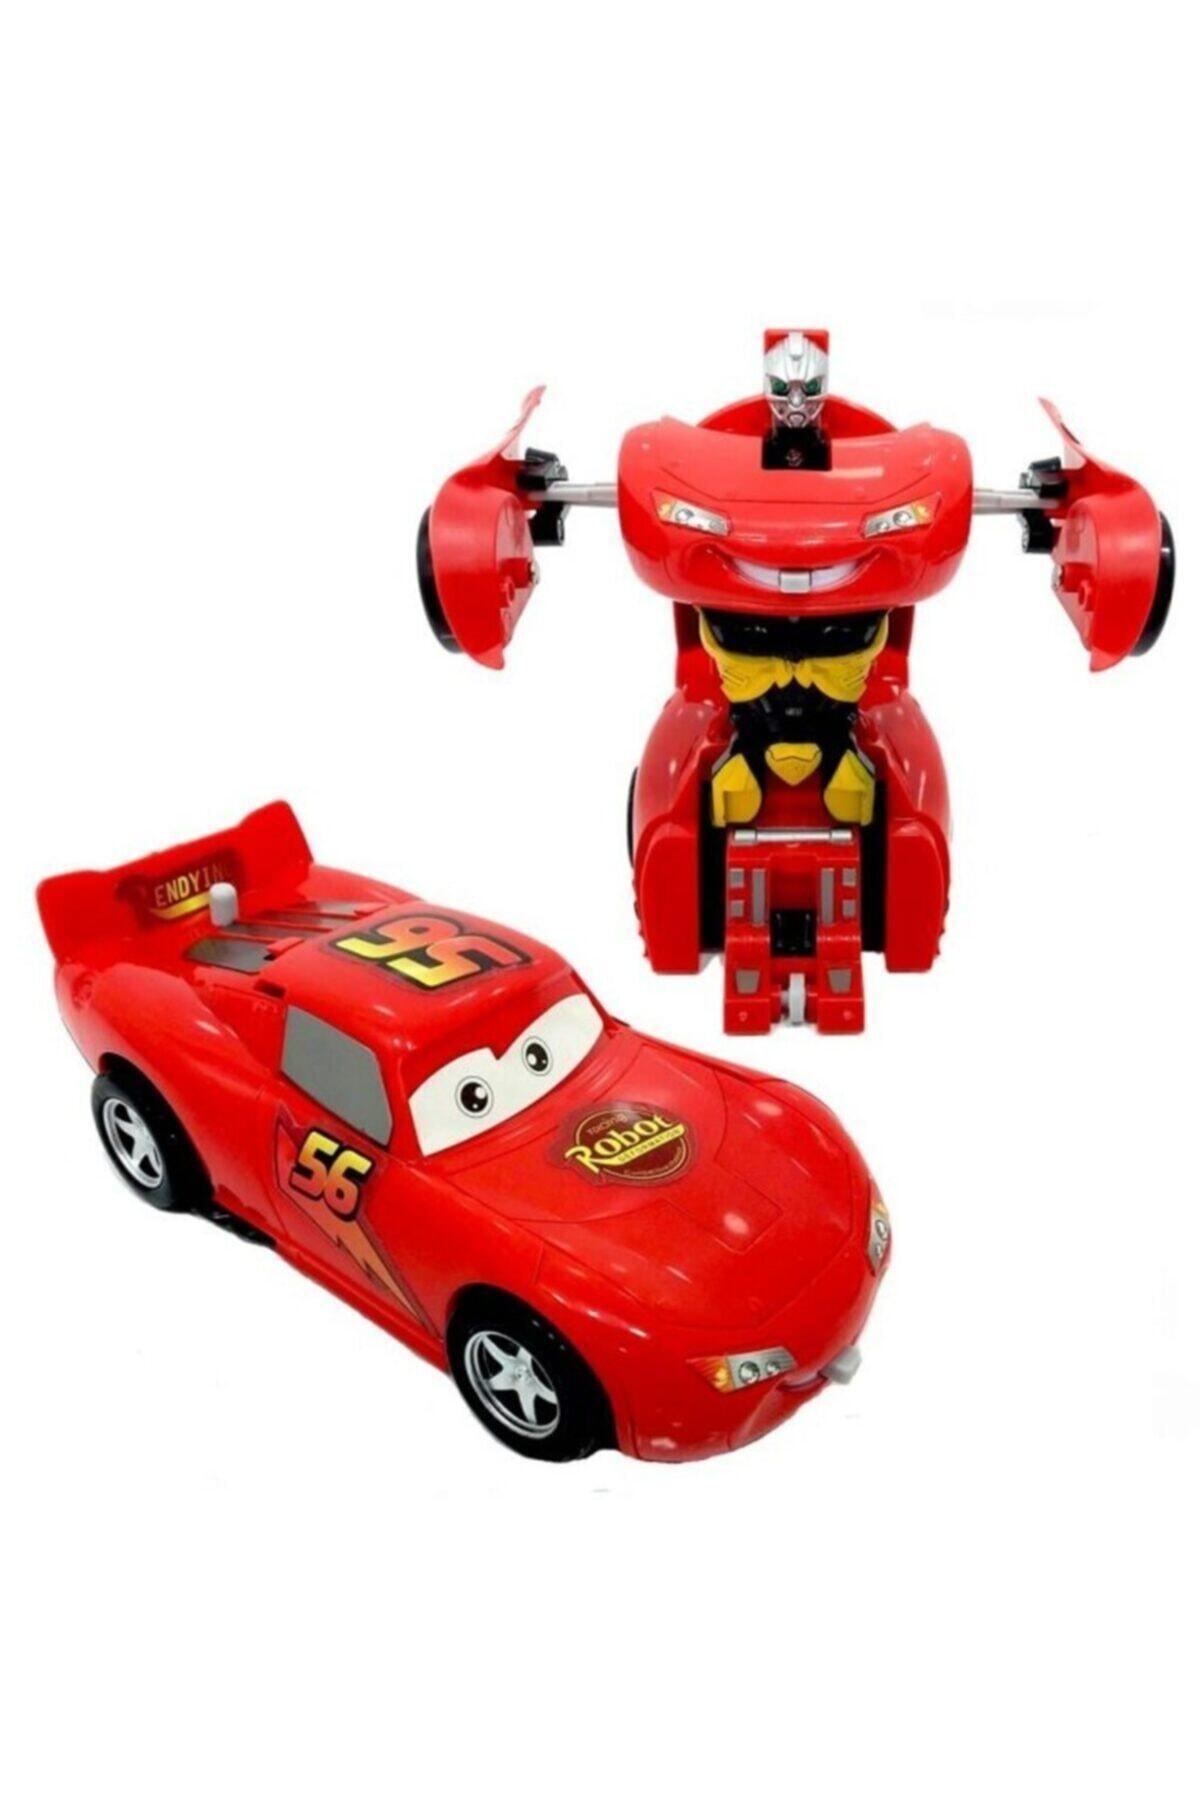 AKÇİÇEK OYUNCAK Şimşek Mcqueen Robota Dönüşebilen Araba 1